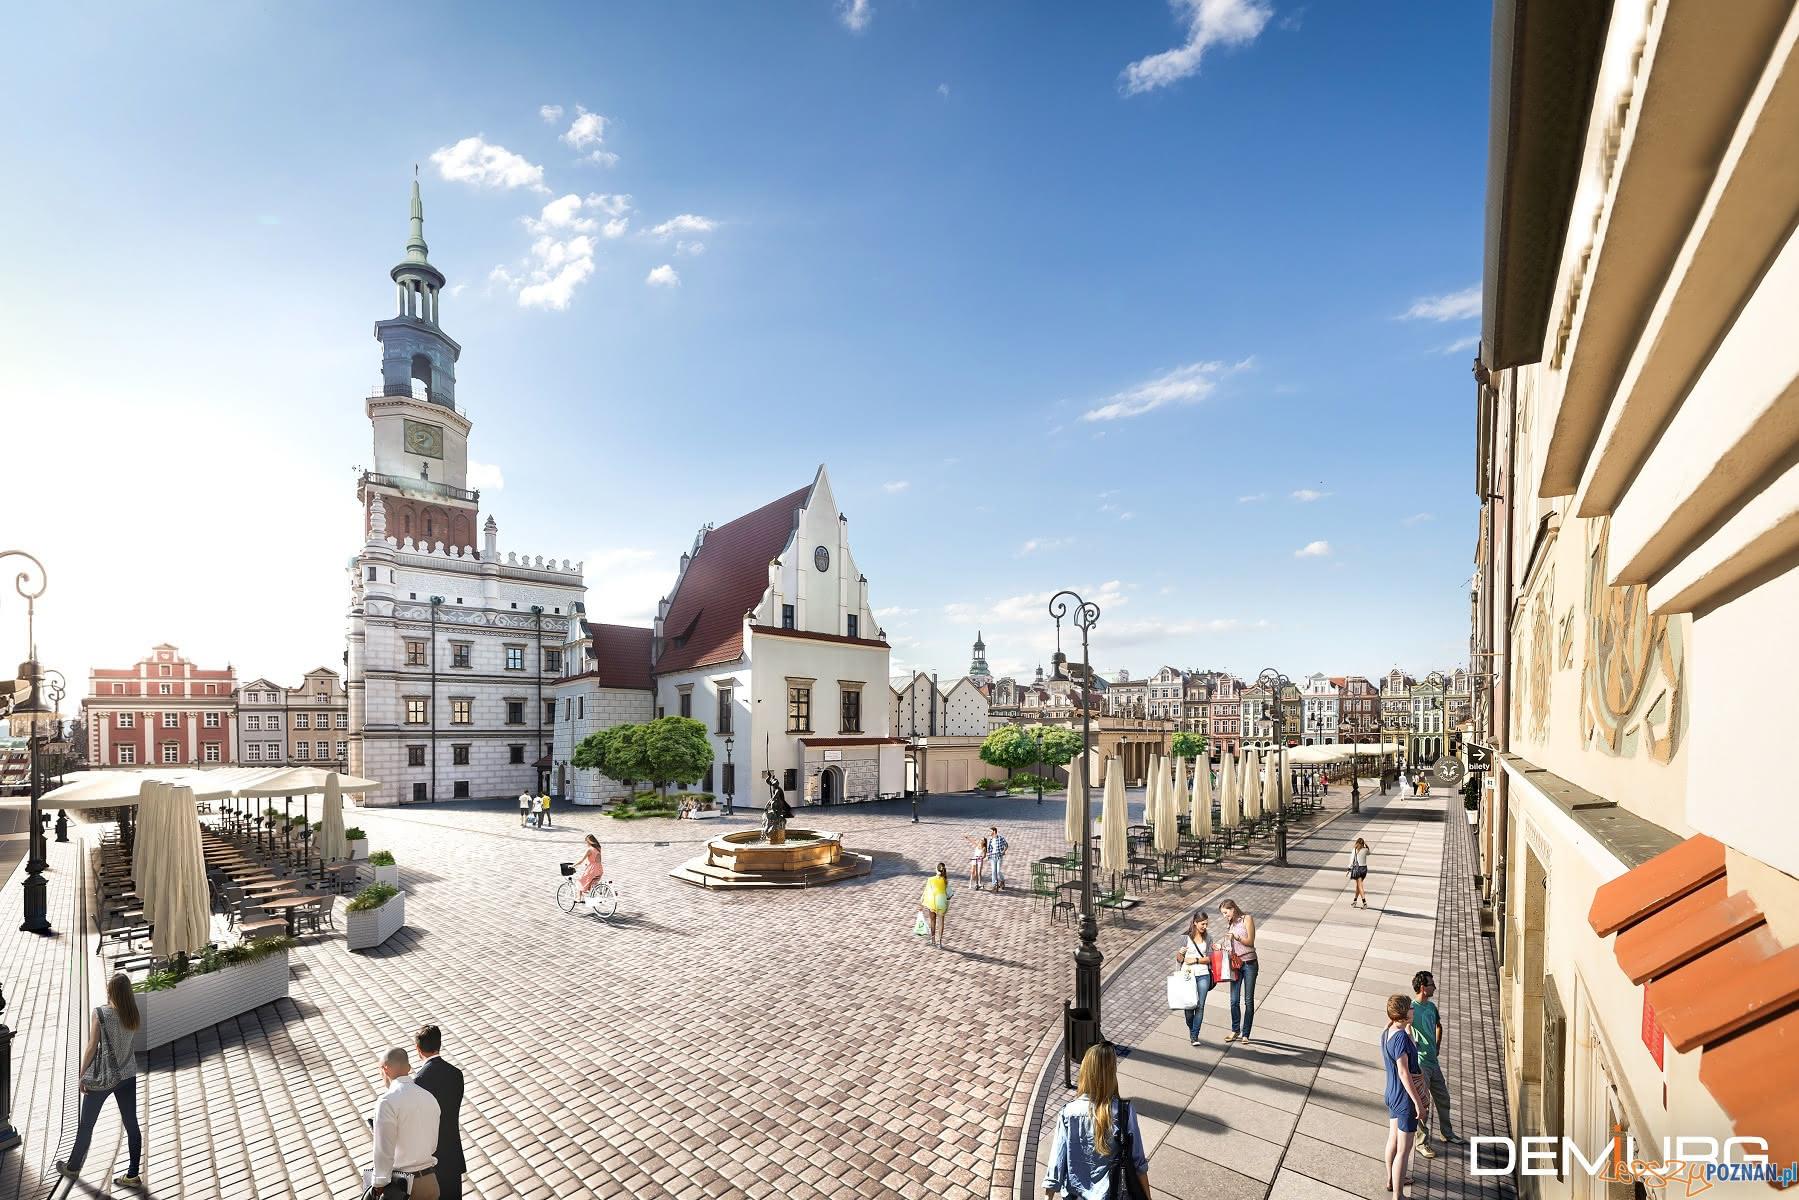 plyta starego rynku po odnowieniu  Foto: materiały prasowe / Demiurg